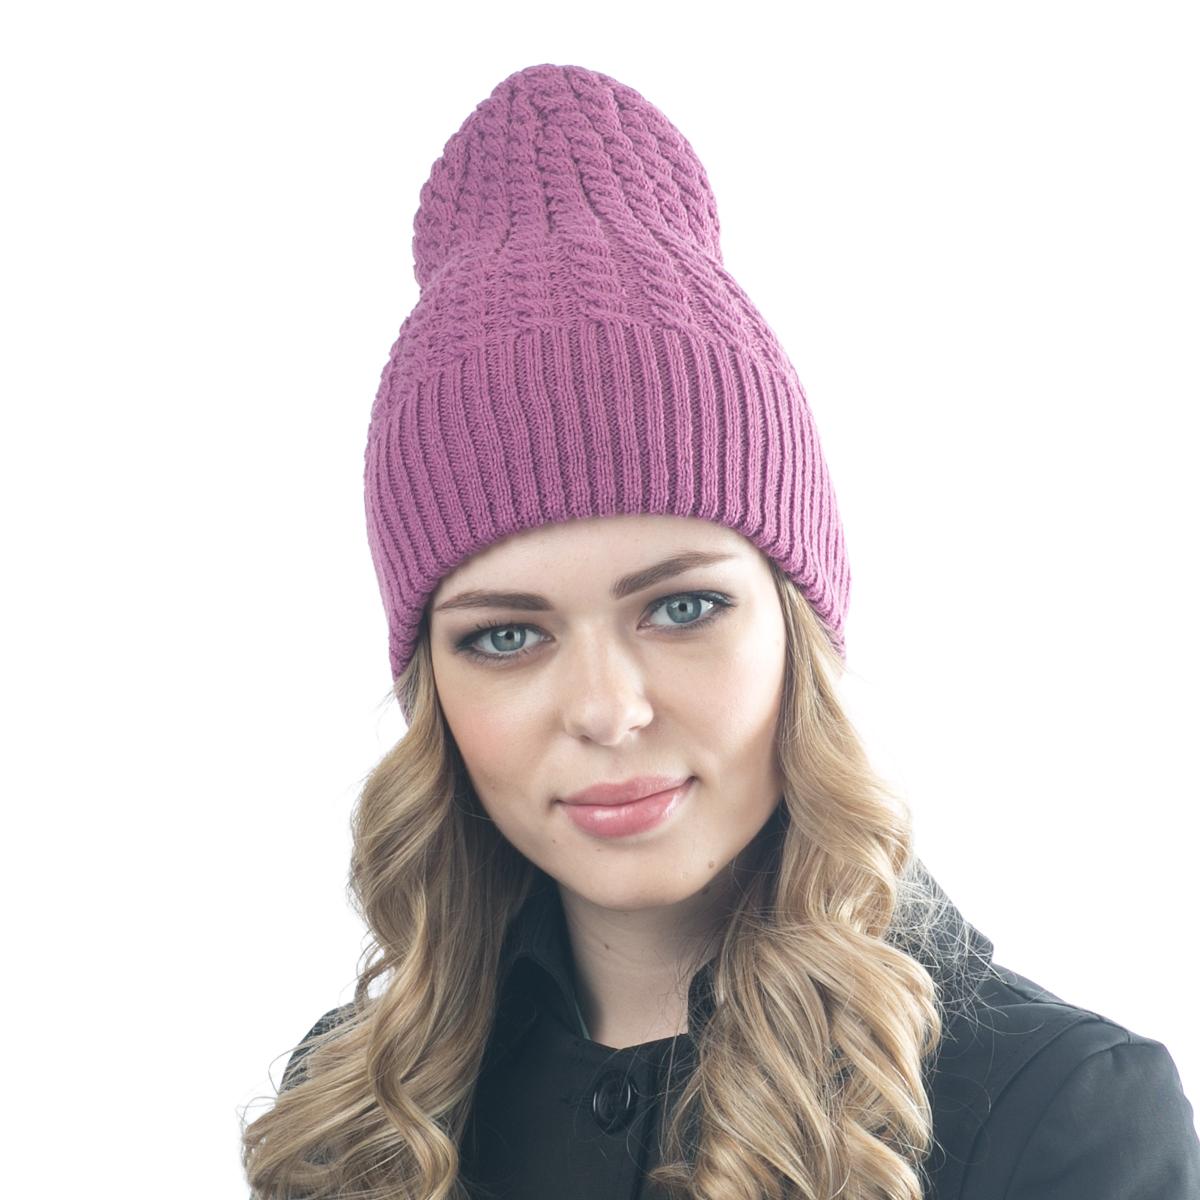 Шапка женская Flioraj, цвет: пурпурный. 07FJ. Размер 56/5807FJСтильная двусторонняя шапка Flioraj выполнена из шерсти с добавлением вискозы и полиамида. Модель имеет крупную плотную вязку и оформлена оригинальным вязаным рисунком. Уважаемые клиенты!Размер, доступный для заказа, является обхватом головы.